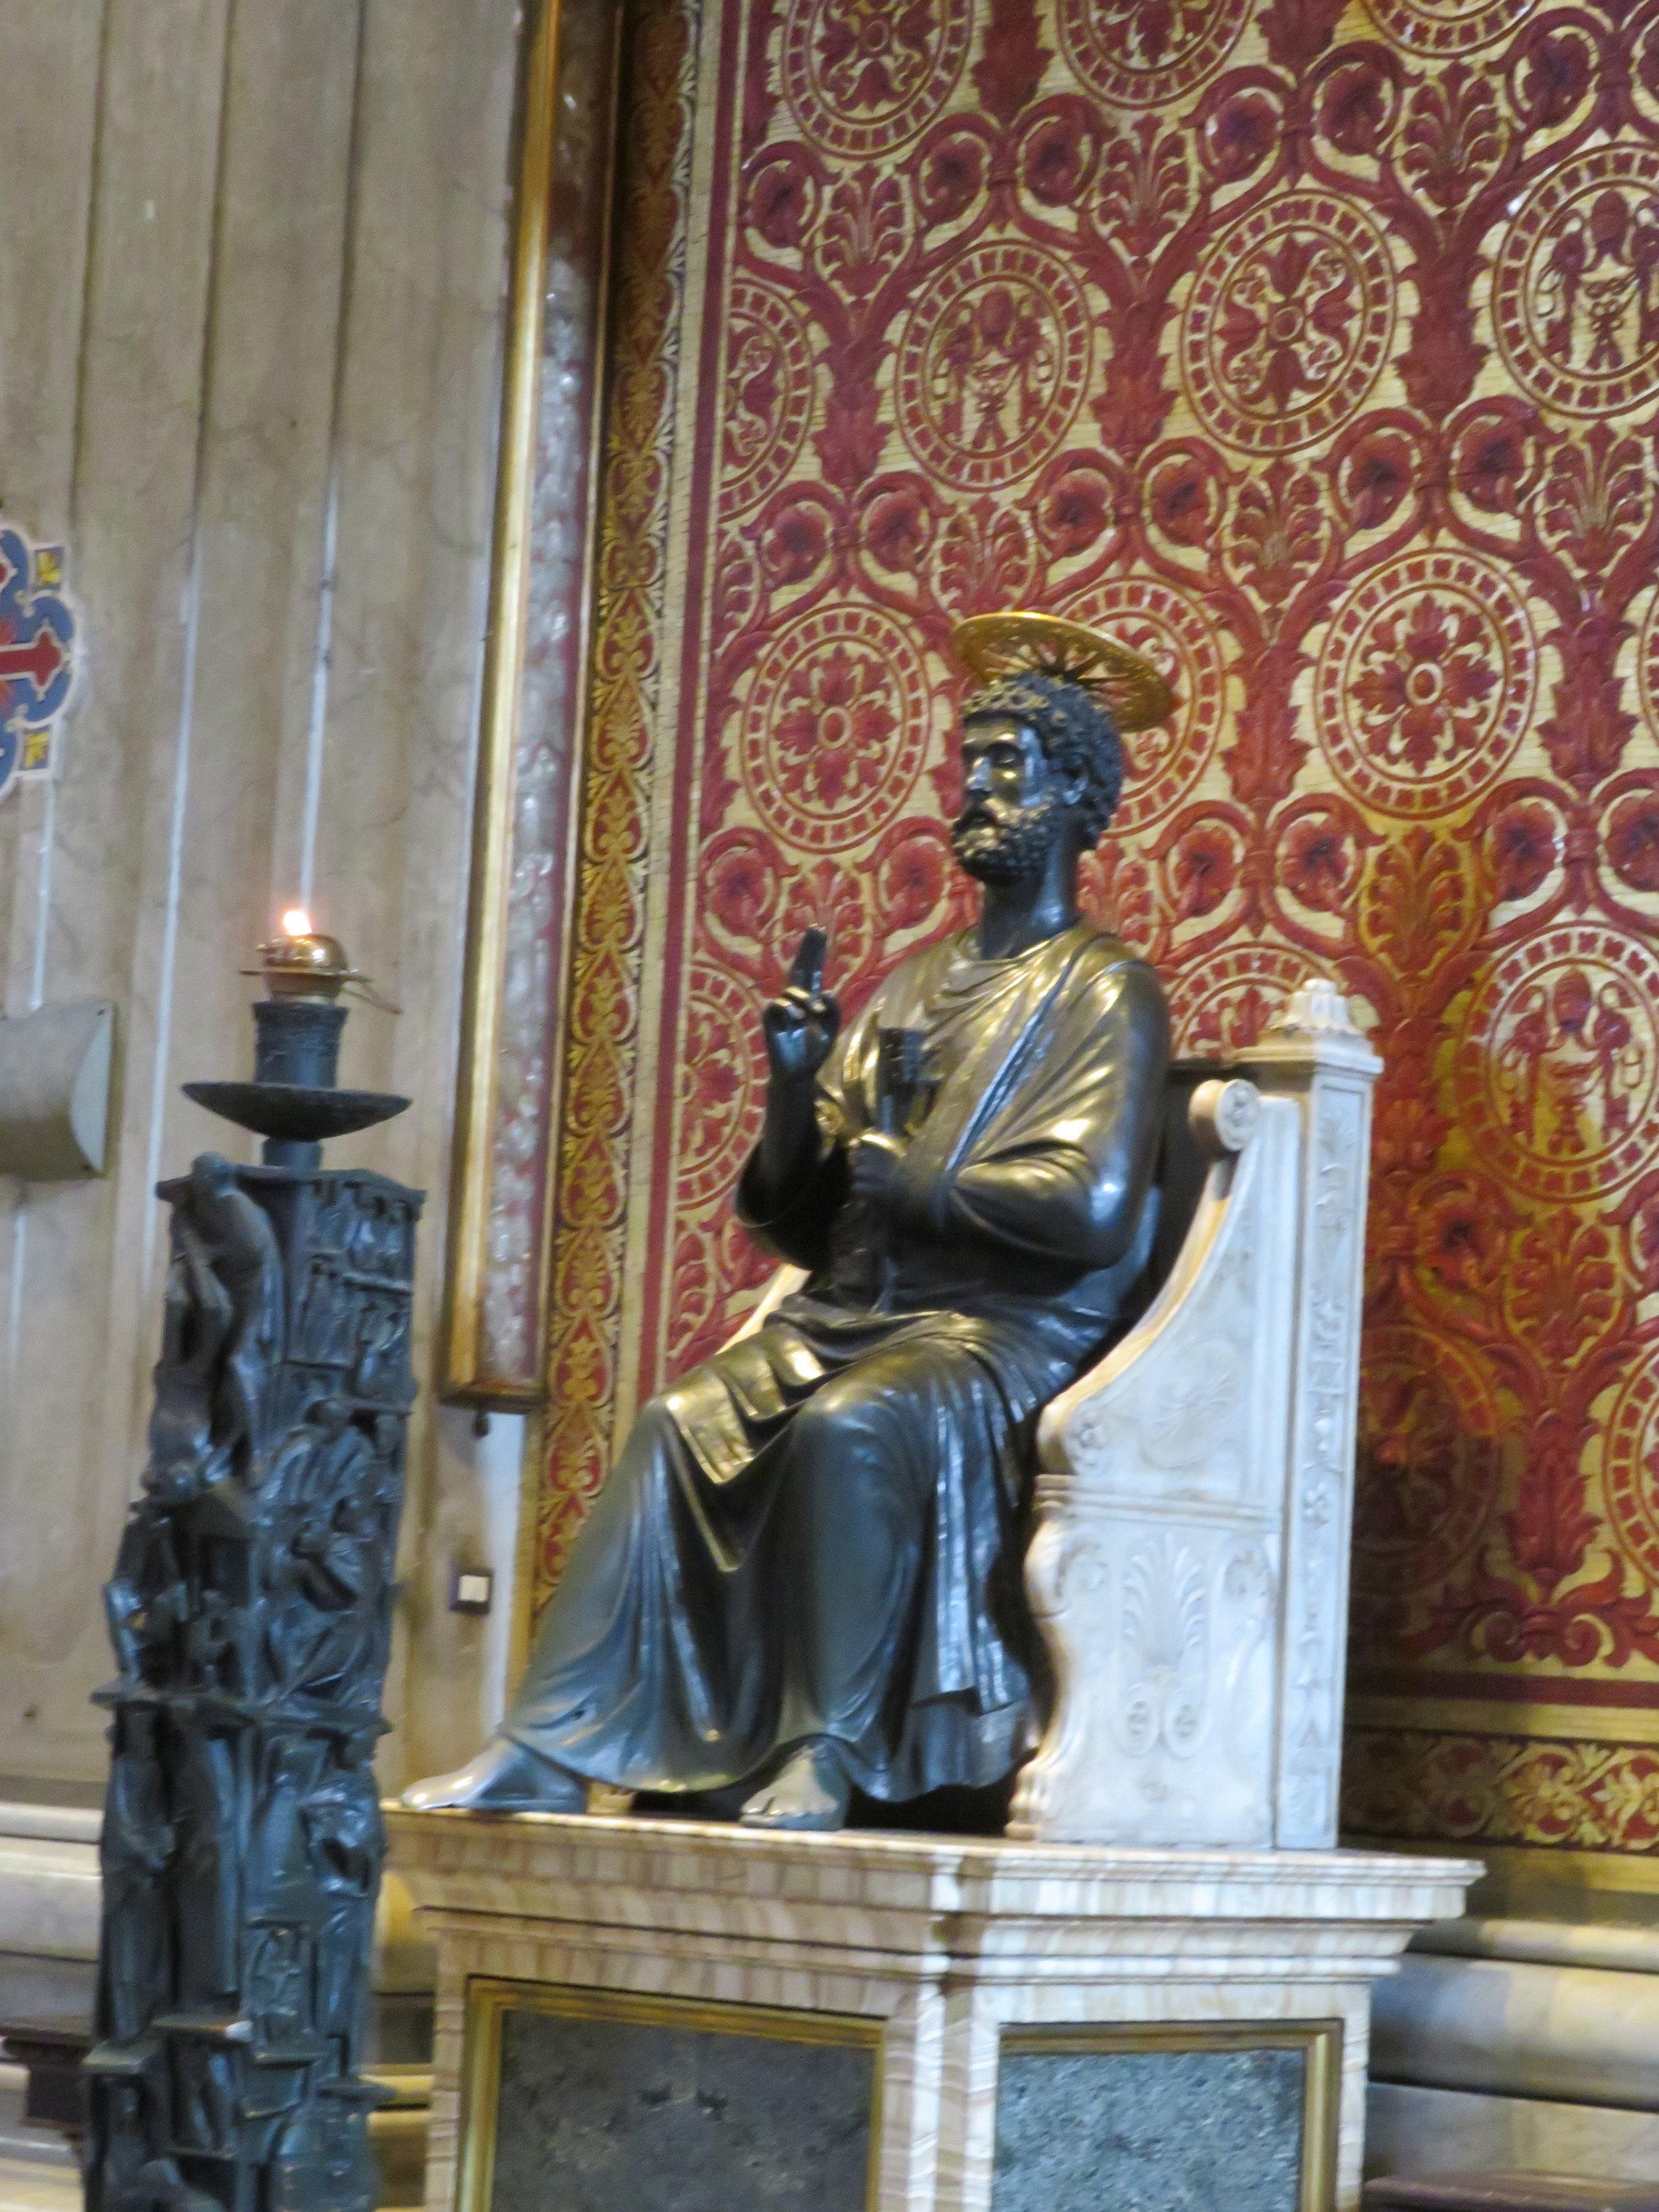 St Peter bronze statue